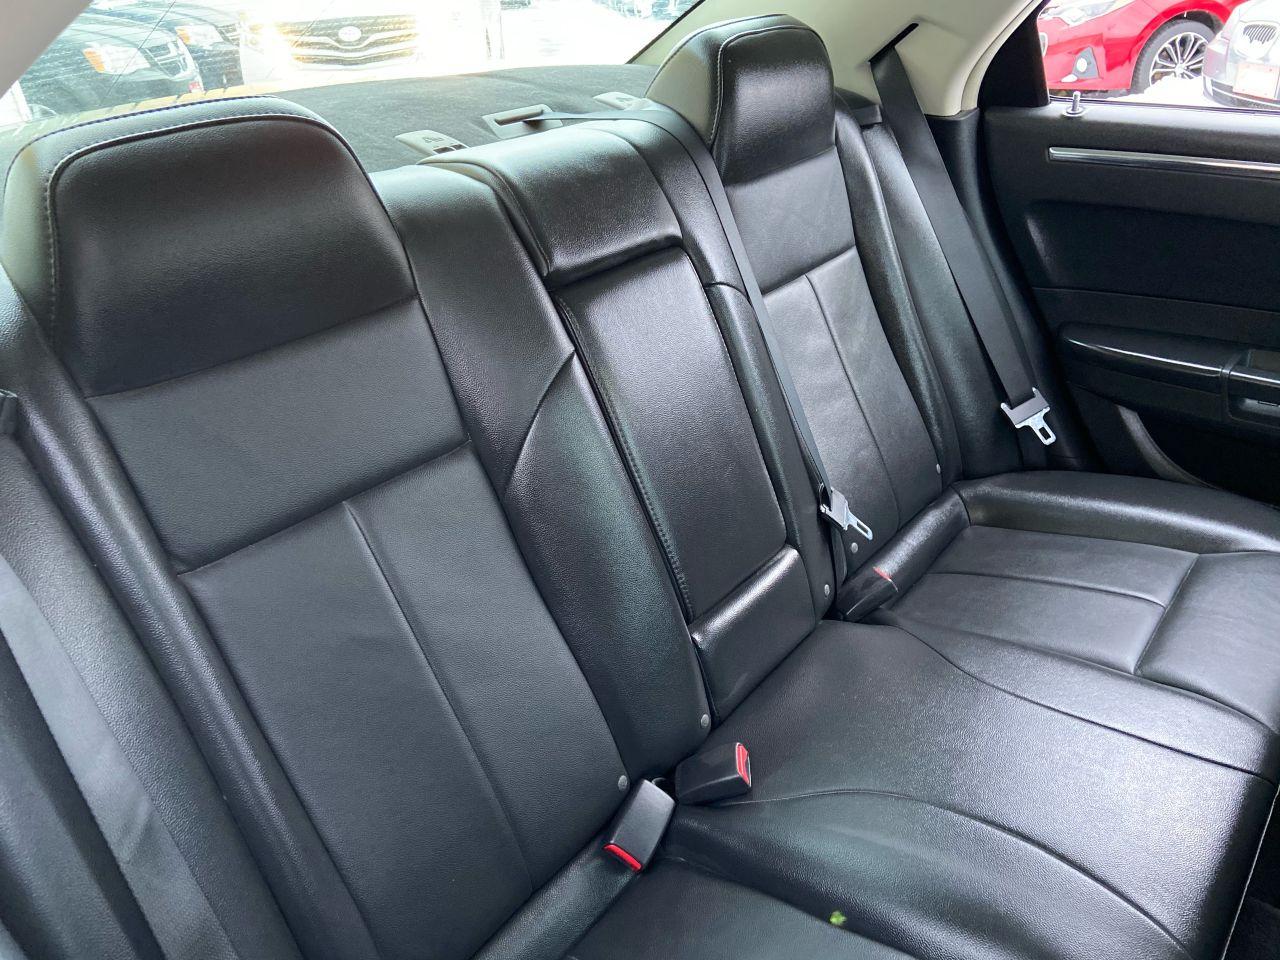 2010 Chrysler 300